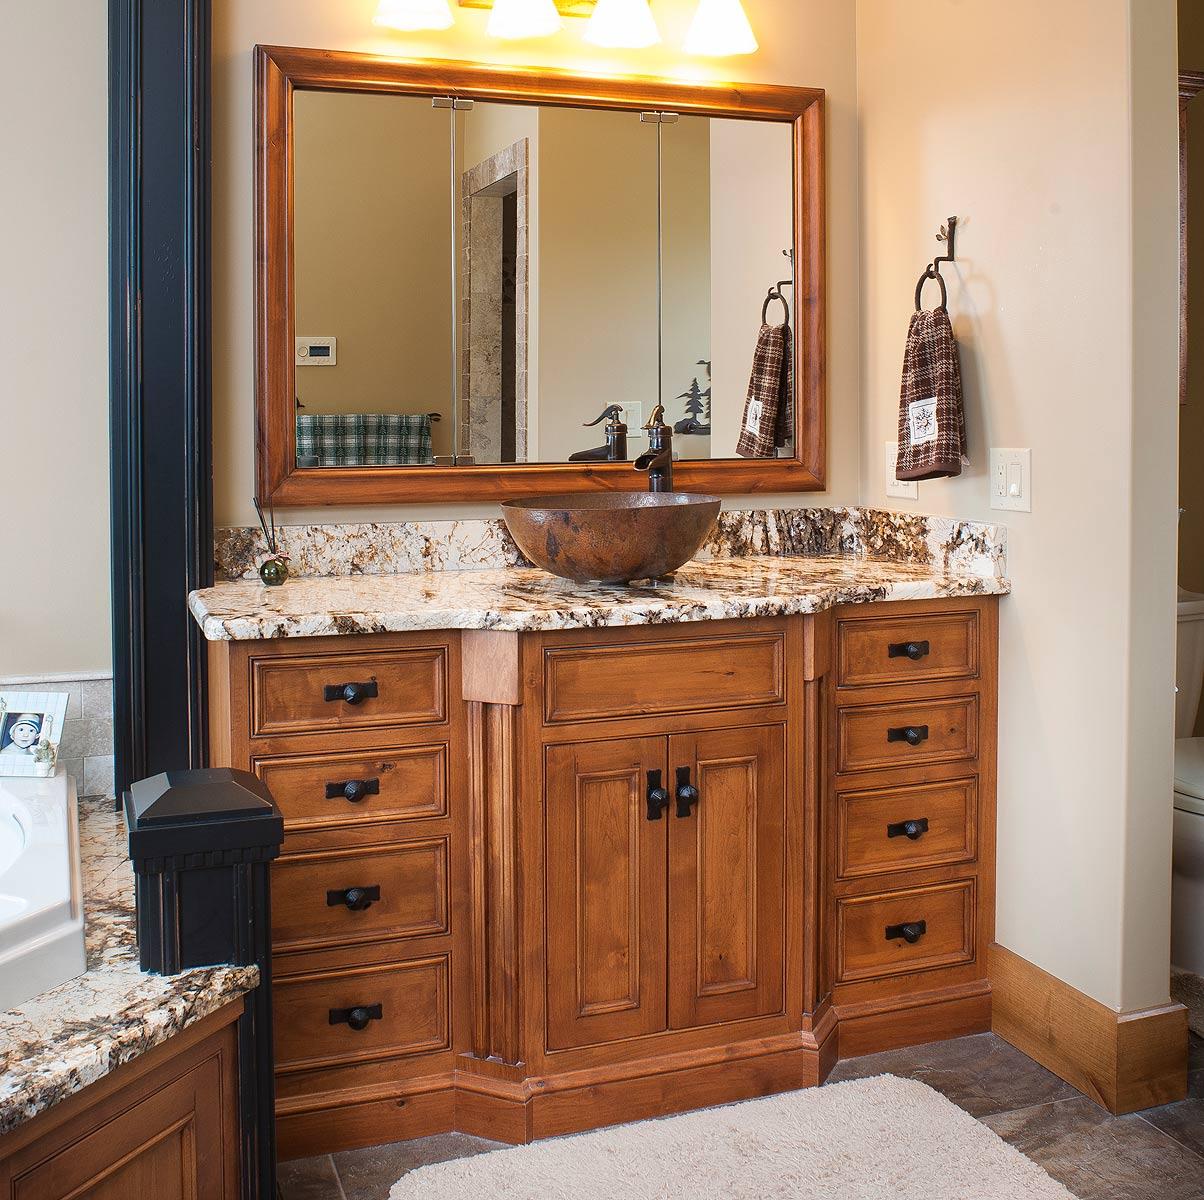 Dark Knotty Alder Kitchen Cabinets: Knotty Alder Master Bath